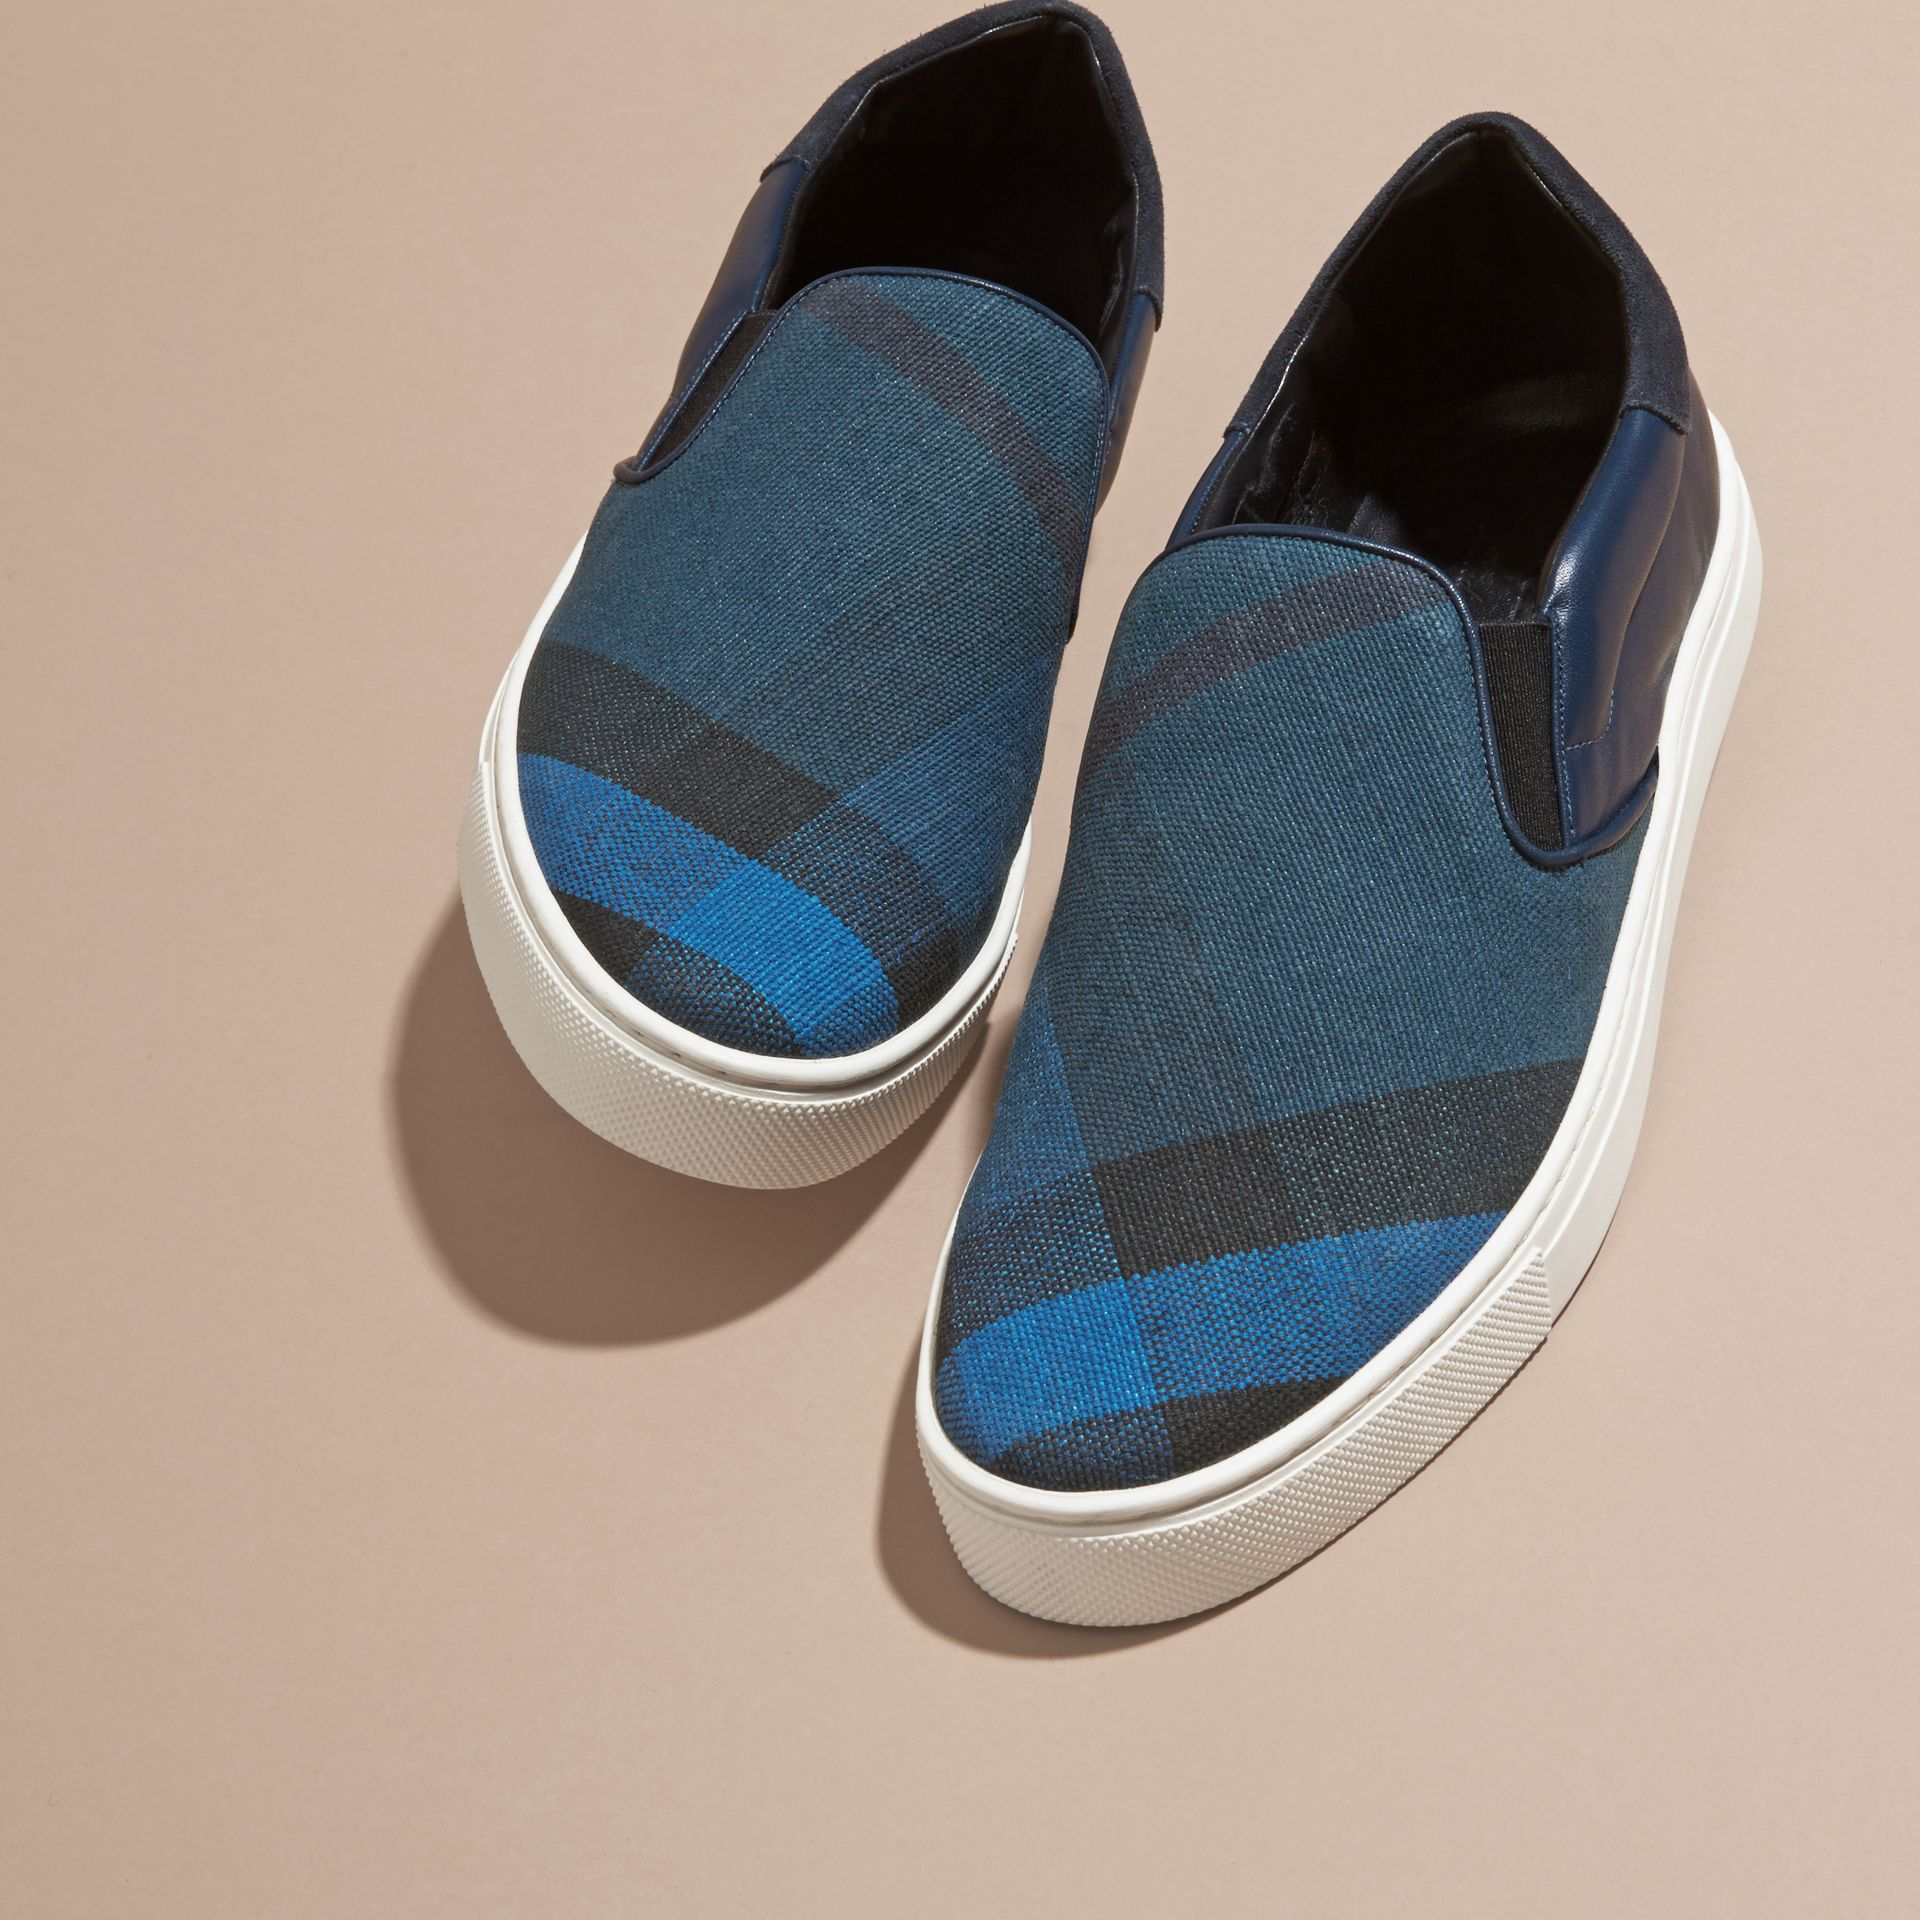 Azul ultramar/negro Zapatillas deportivas sin cordones de piel y checks Canvas Azul Ultramar/negro - imagen de la galería 3